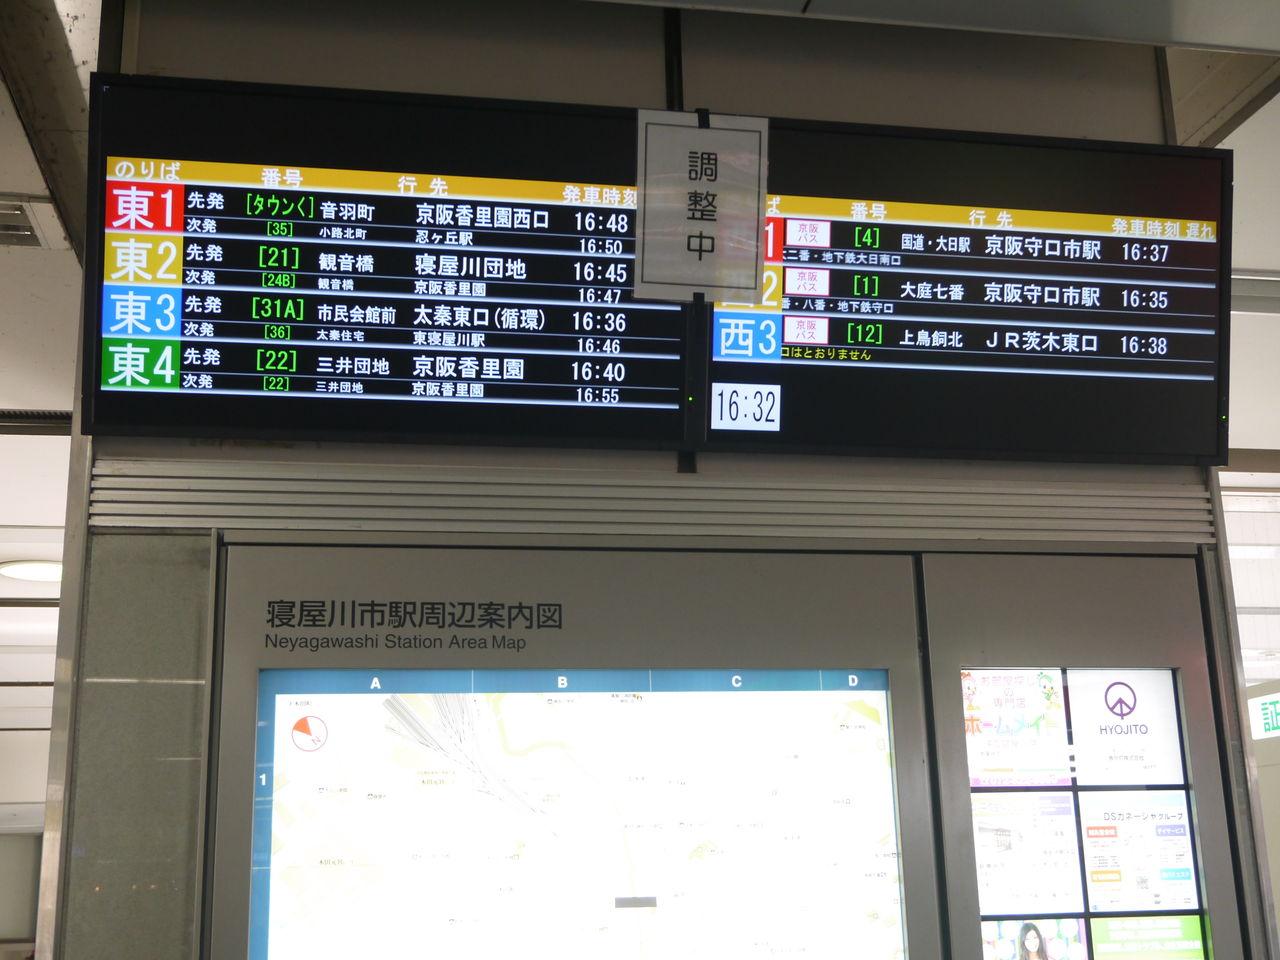 リアルタイム 遅延 京阪 電車